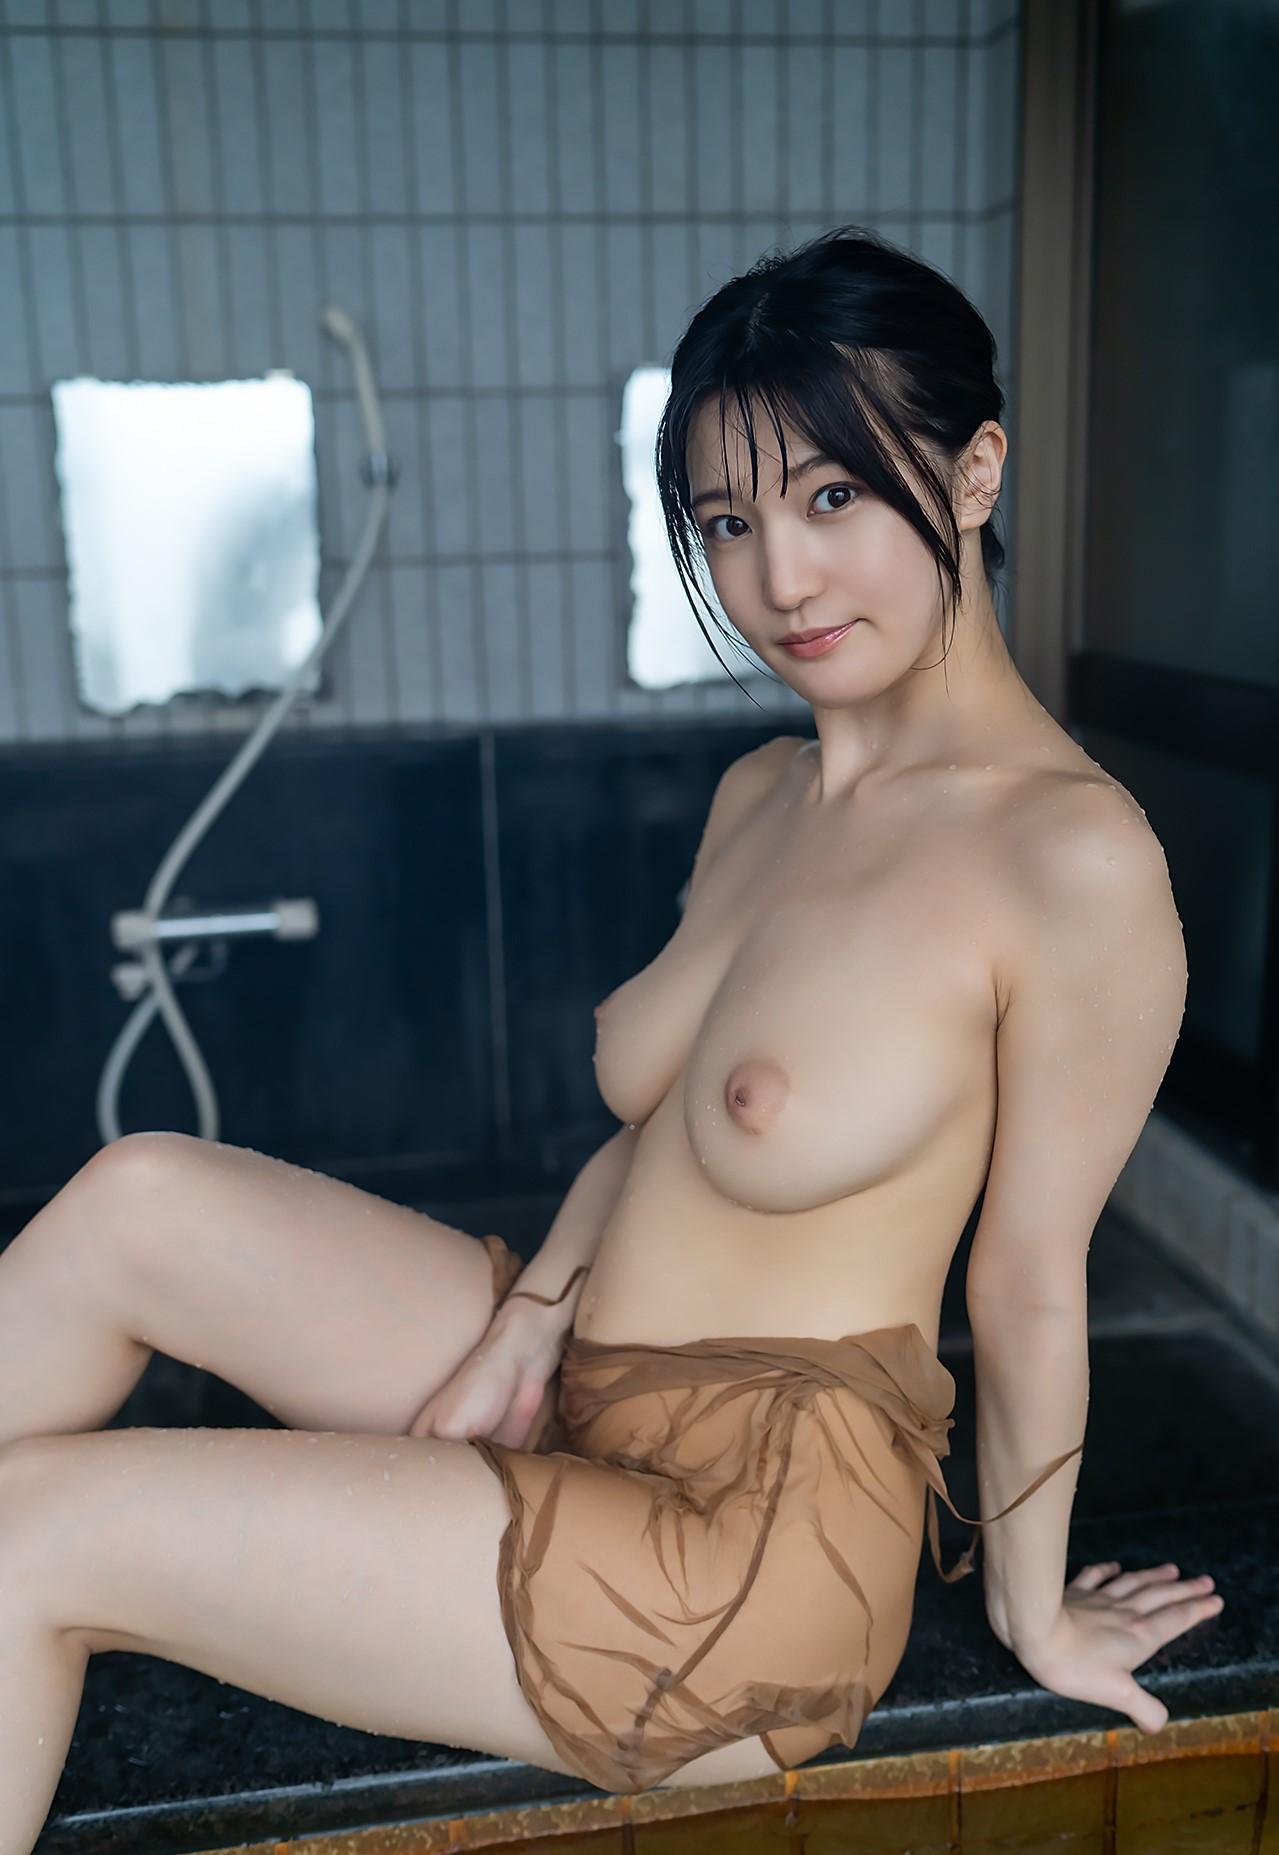 三次元 3次元 エロ画像 AV女優 高橋しょう子 ヌード べっぴん娘通信 47